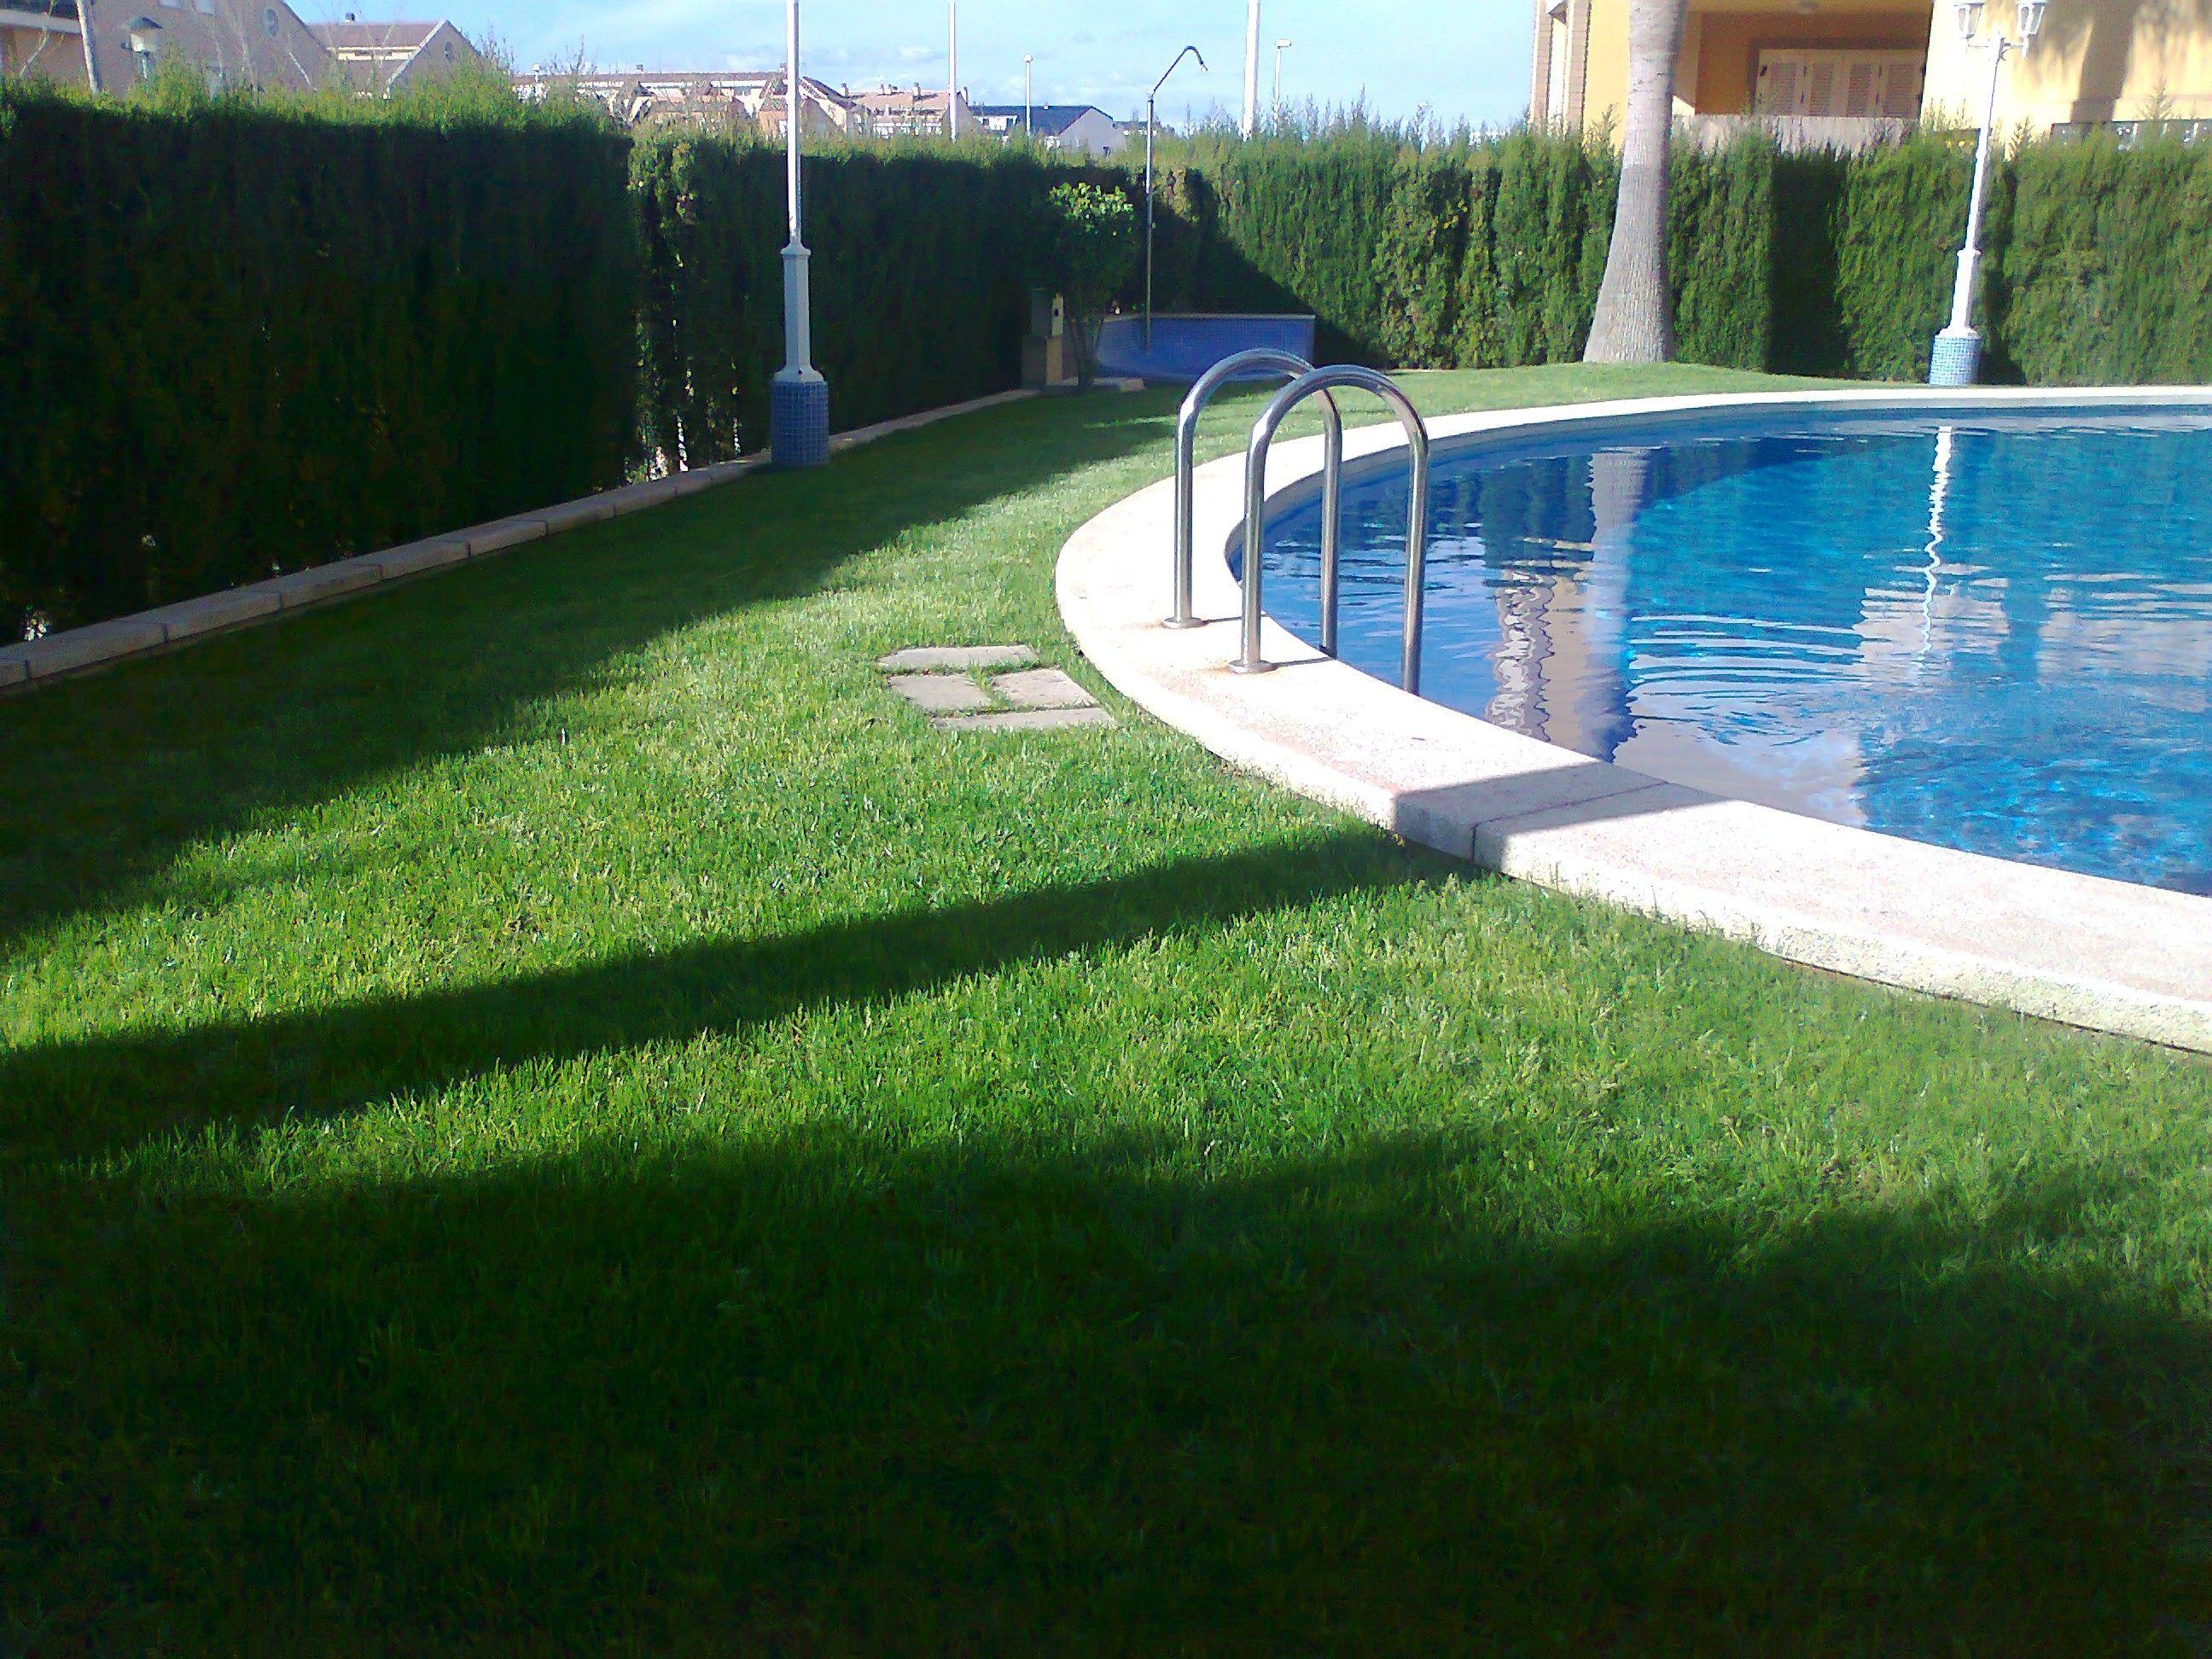 Piscinas y jardines affordable jardn clsicojardn con bajo - Fotos de piscinas y jardines ...